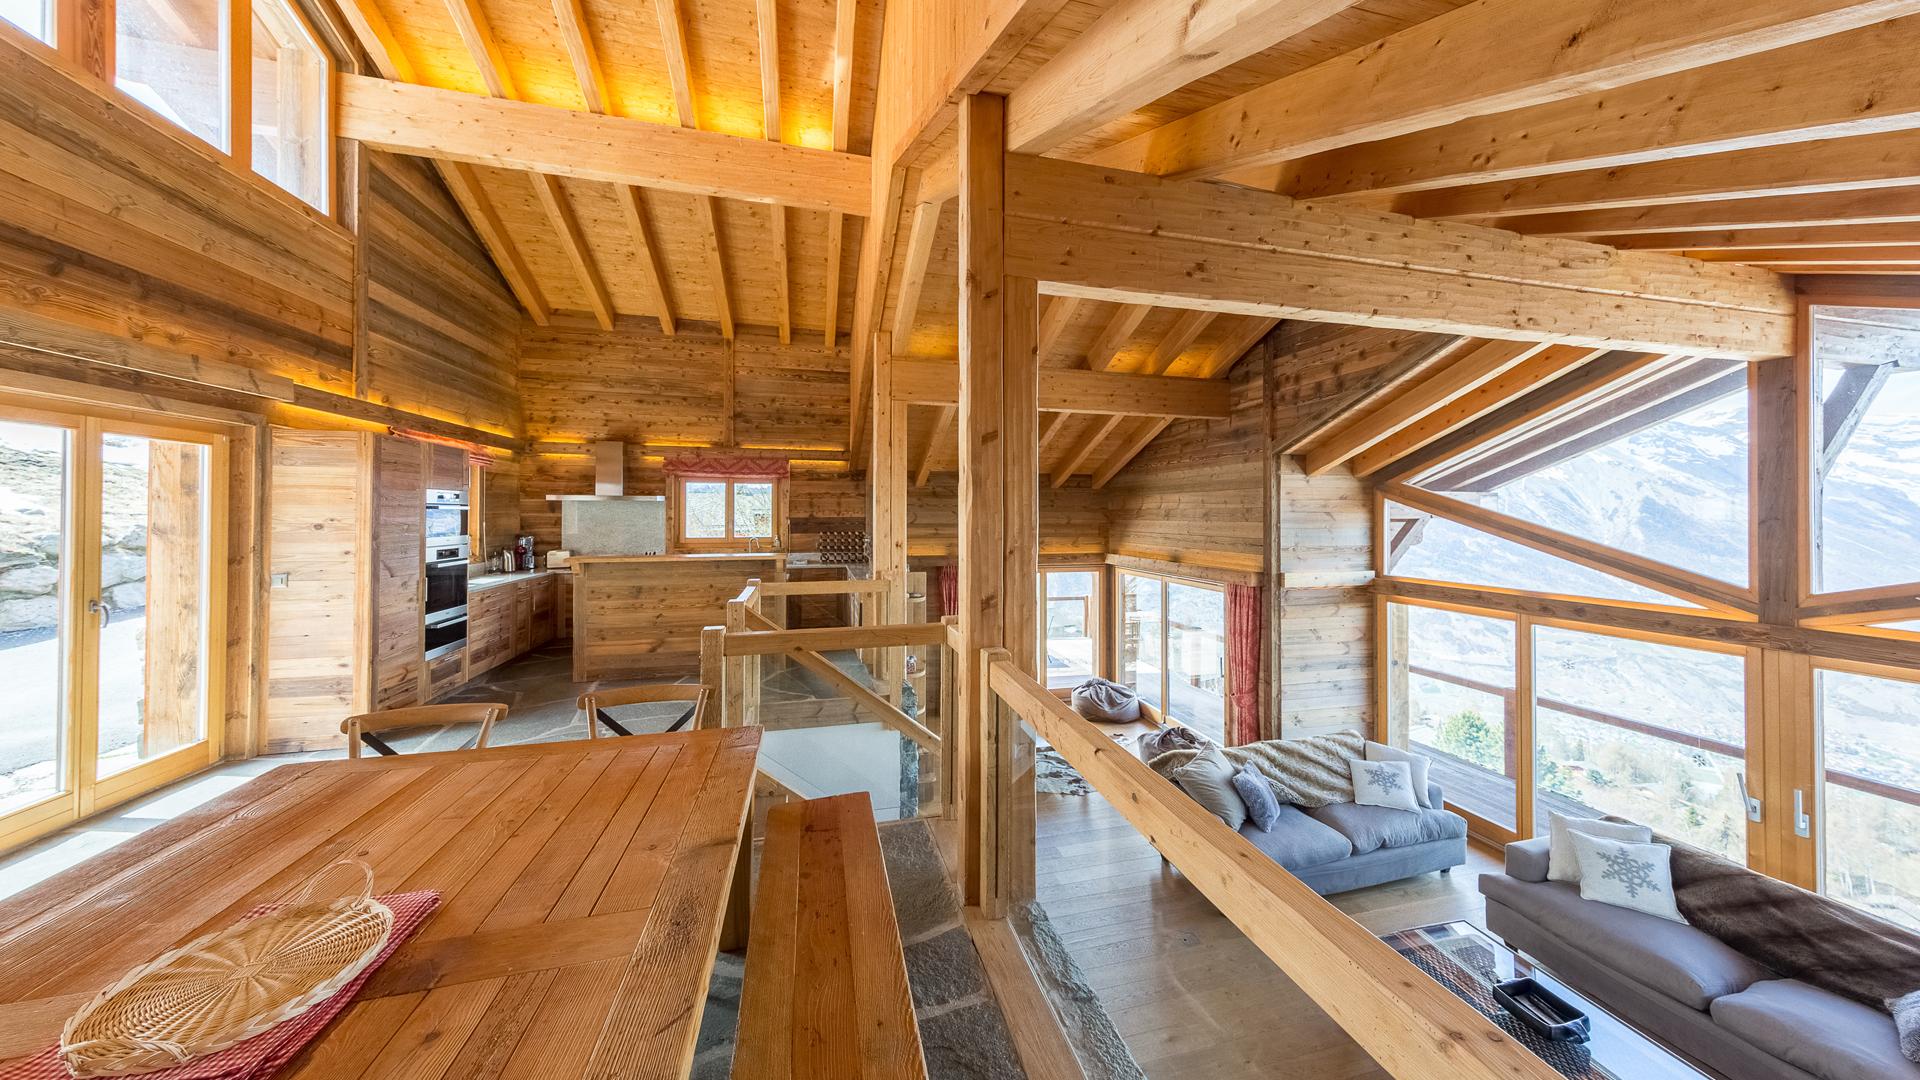 Chalet Wildhorn Chalet, Switzerland